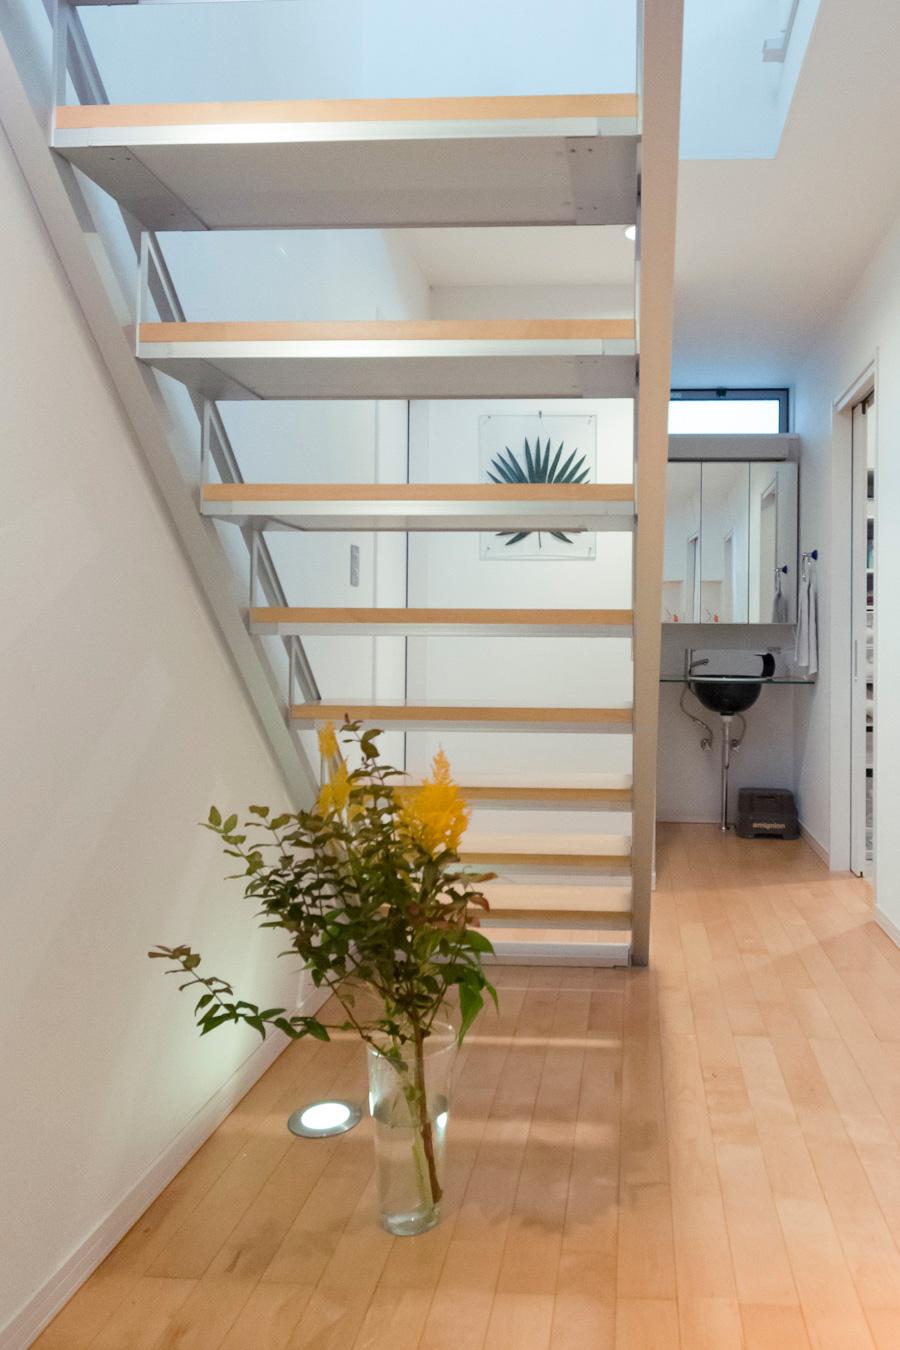 玄関はお客様を花で迎えられるよう、階段をわざと回り込んであがる位置に取り付けたそう。